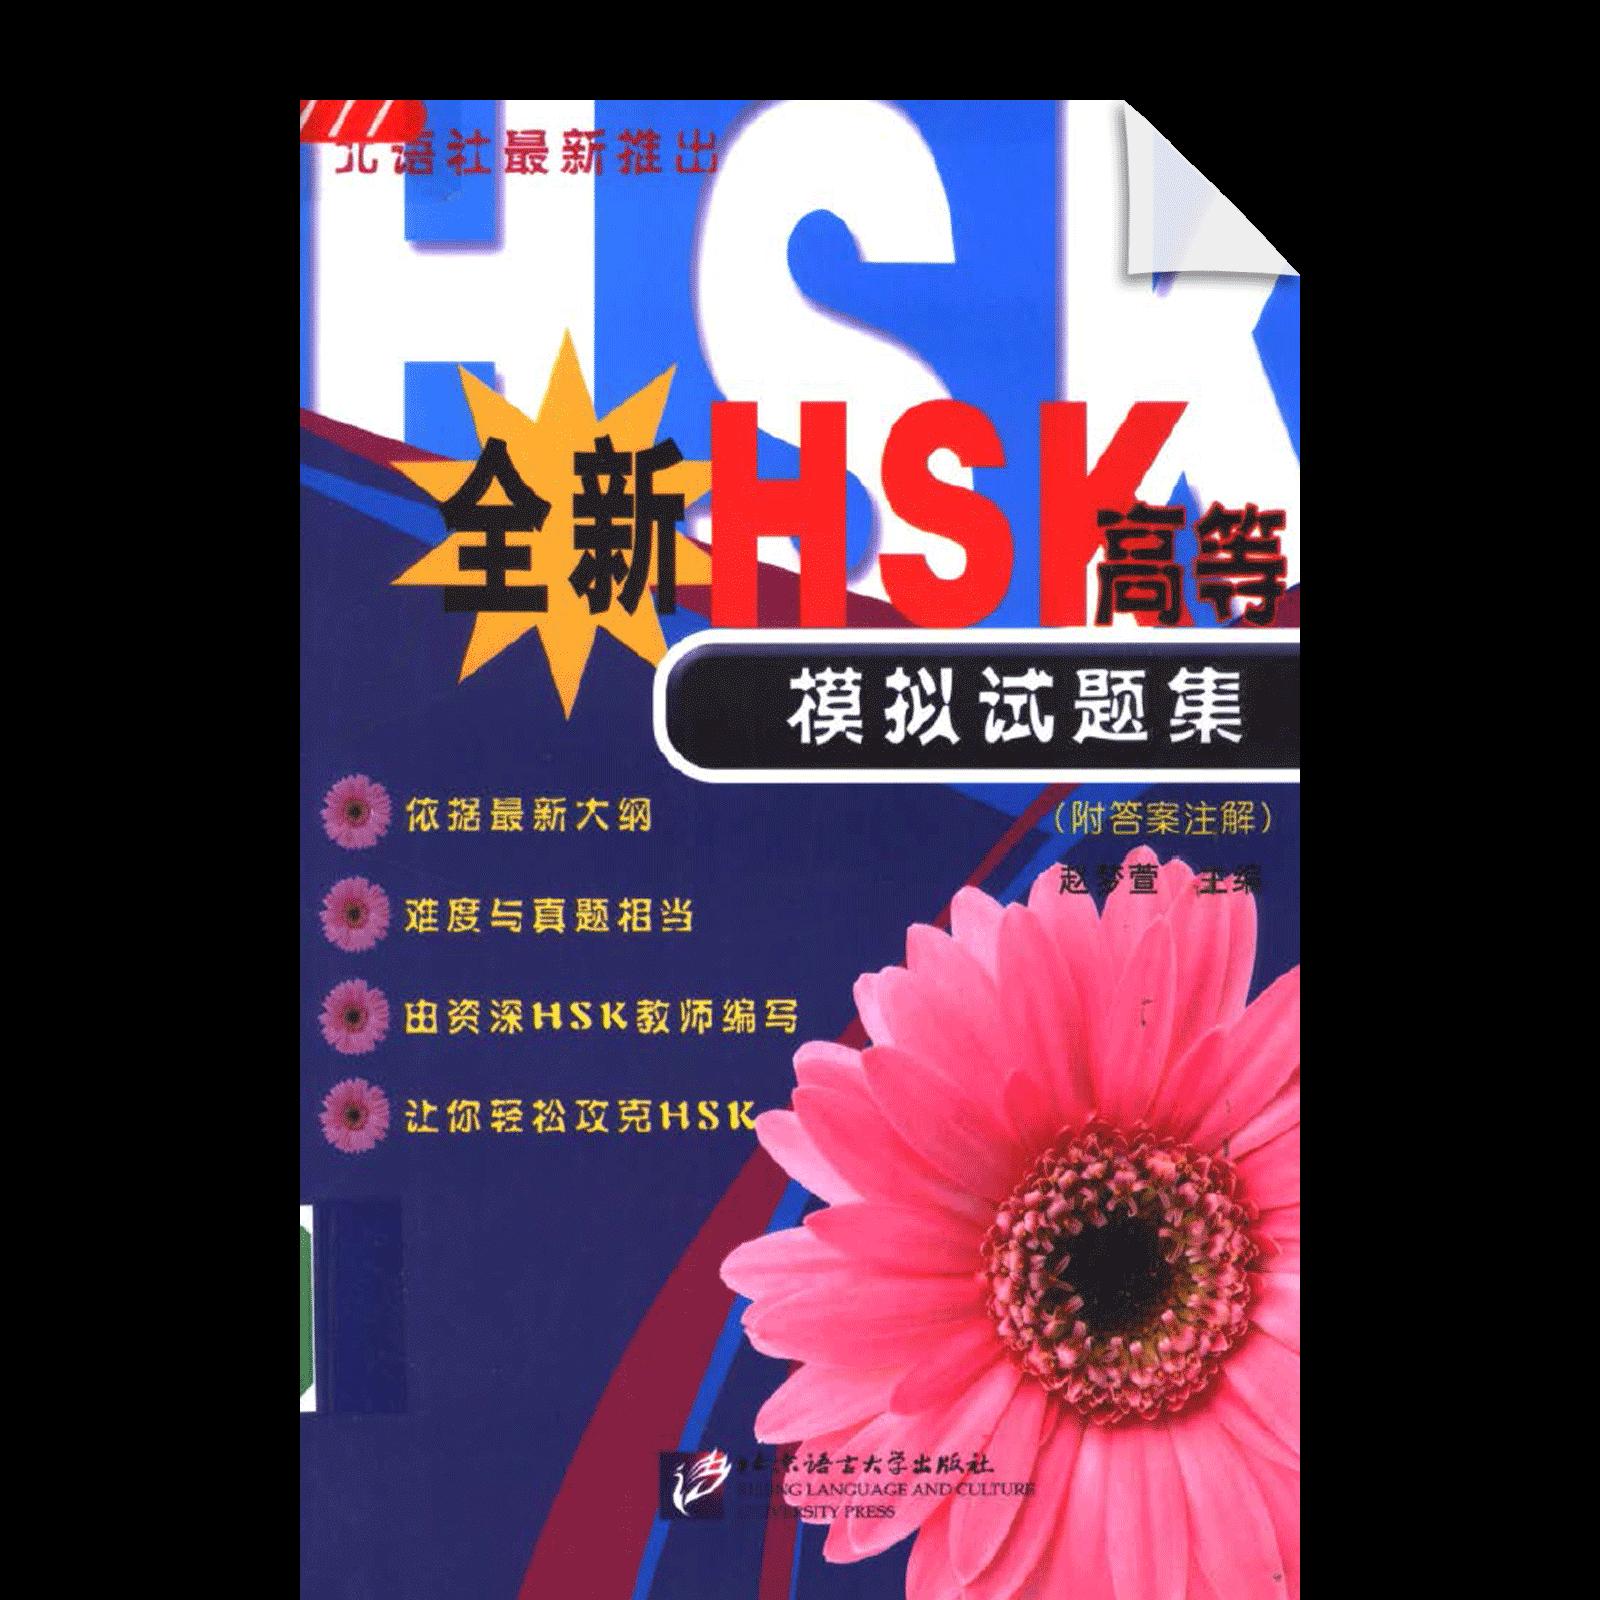 Quanxin HSK Gaodeng Moni Shitiji